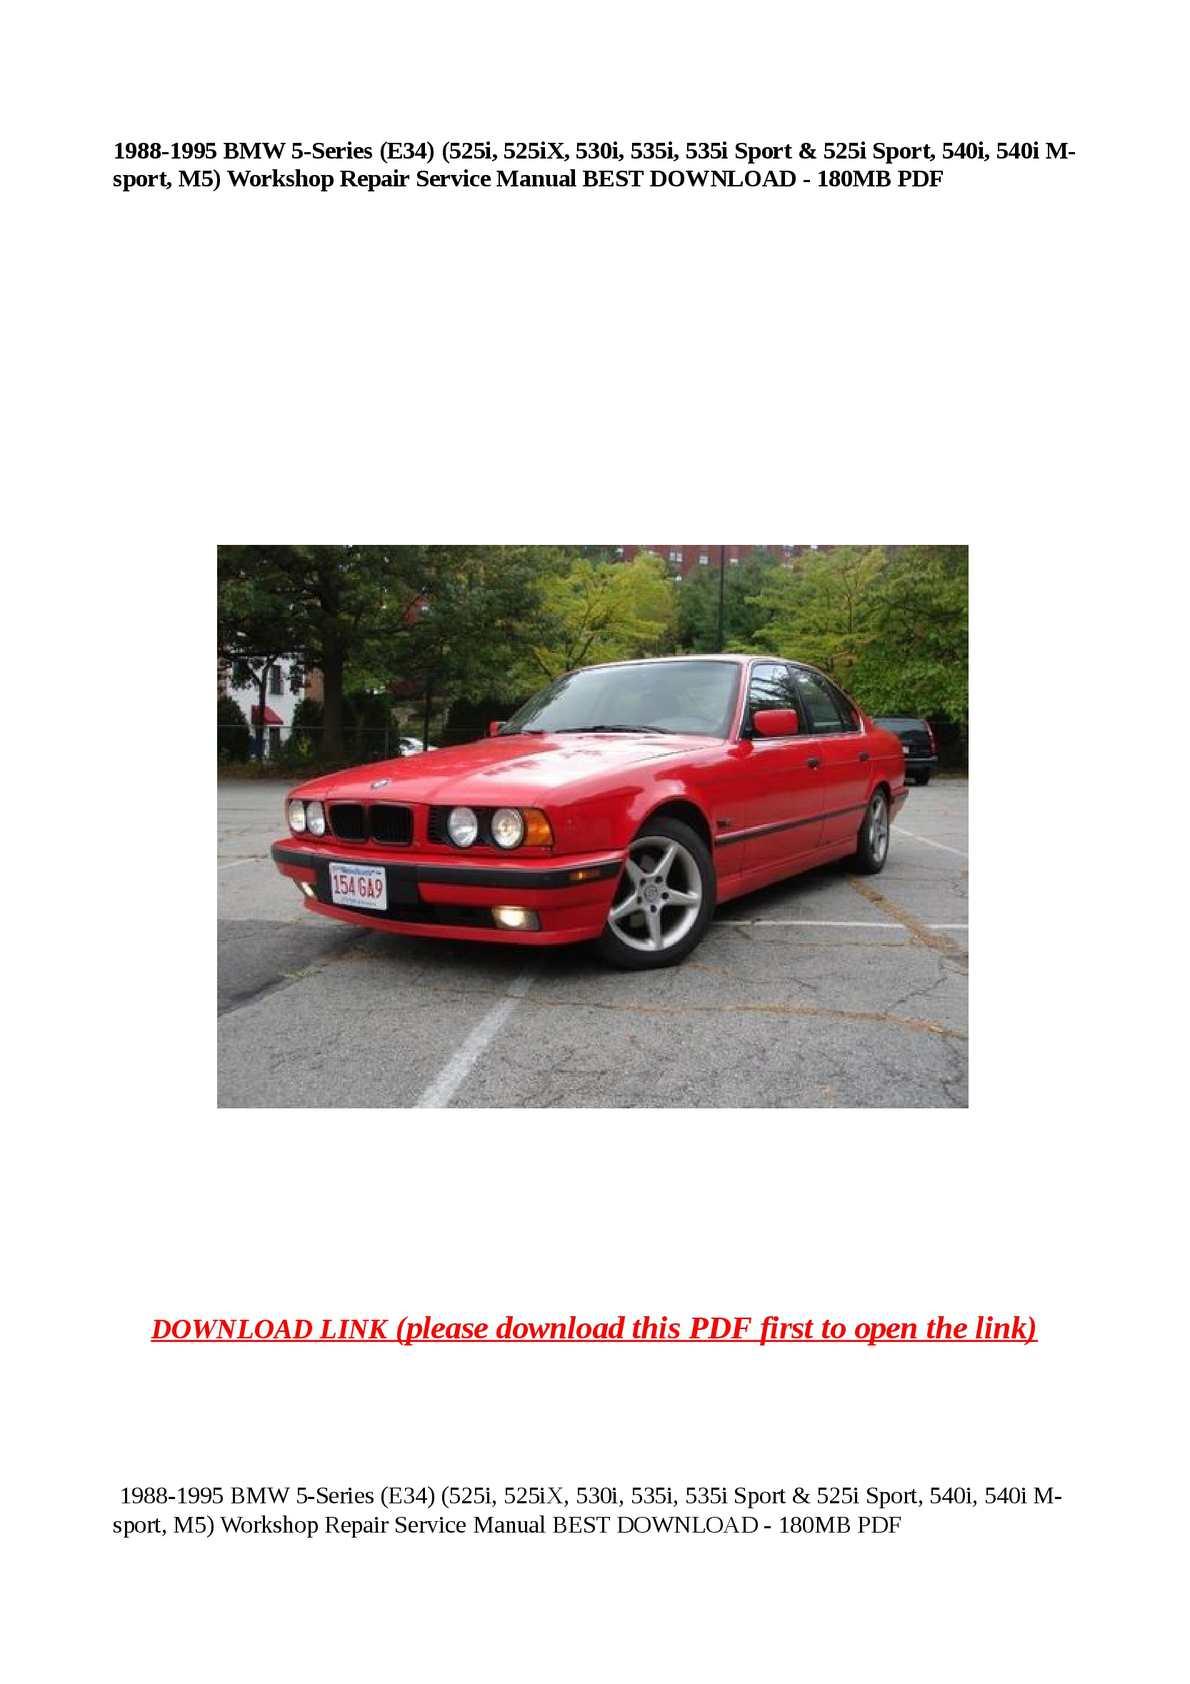 Calaméo - 1988-1995 BMW 5-Series (E34) (525i, 525iX, 530i